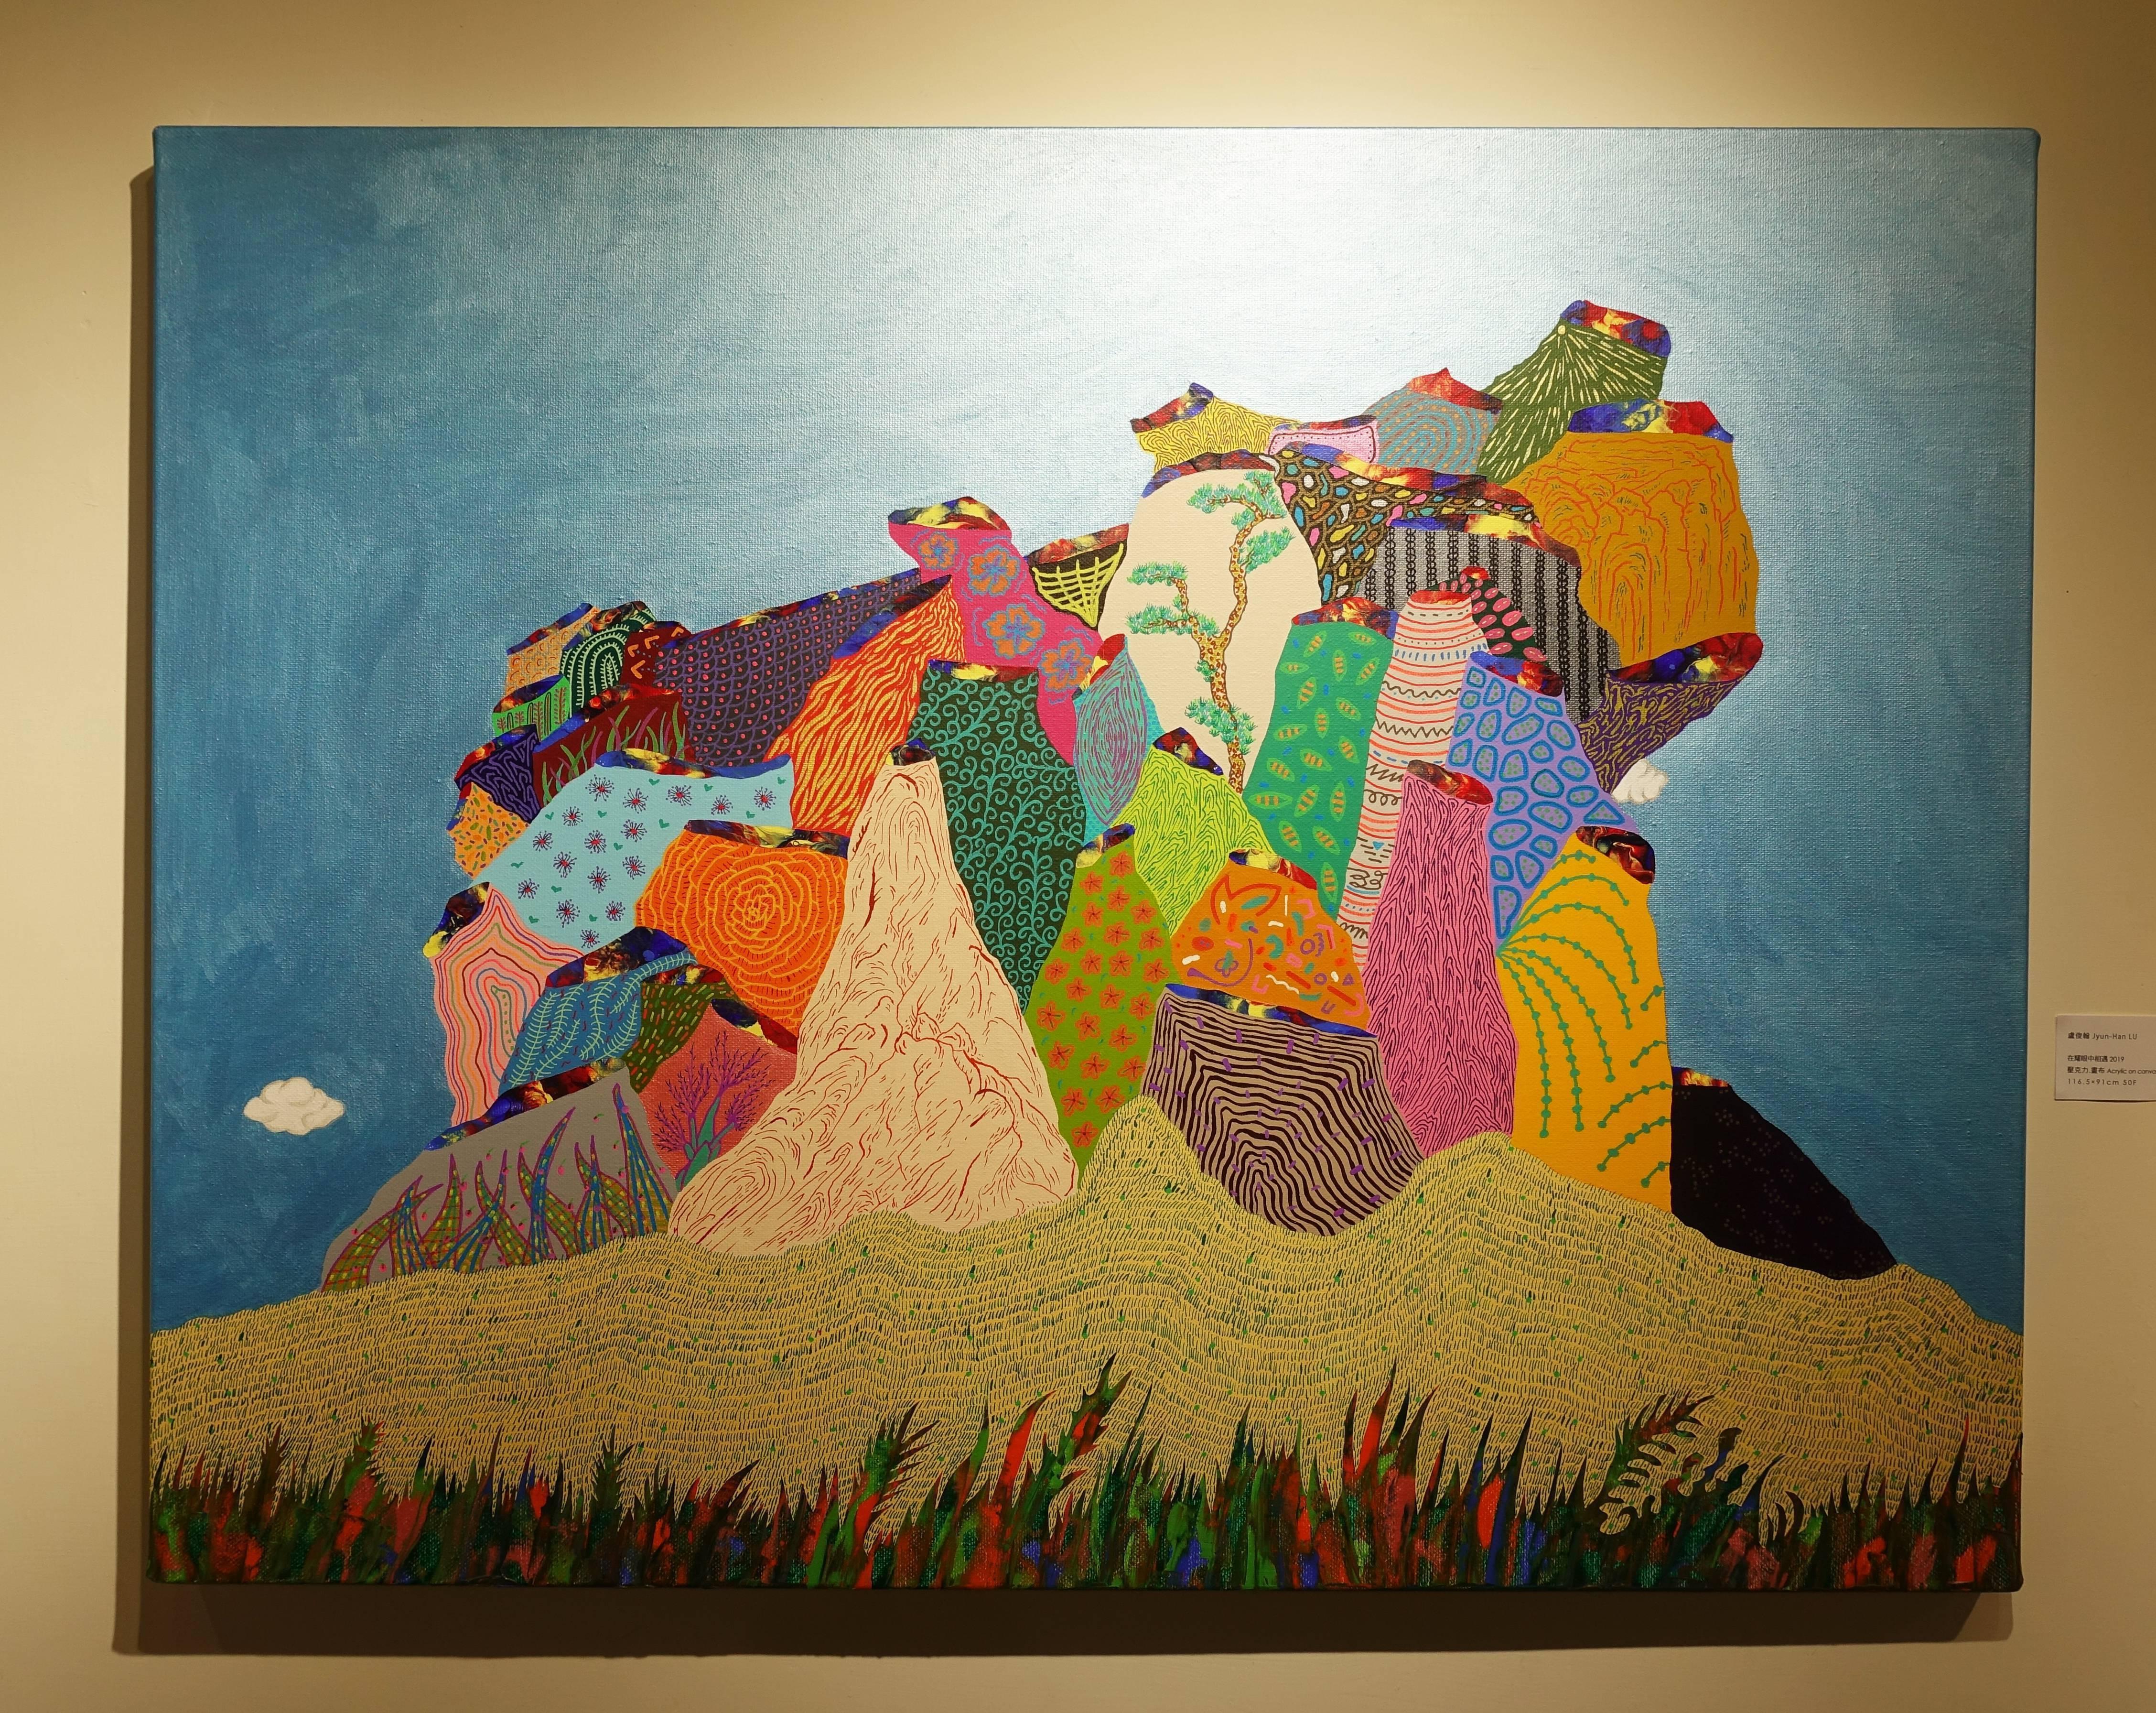 盧俊翰,《在耀眼中相遇》,116.5 x 91 cm,壓克力,2019。